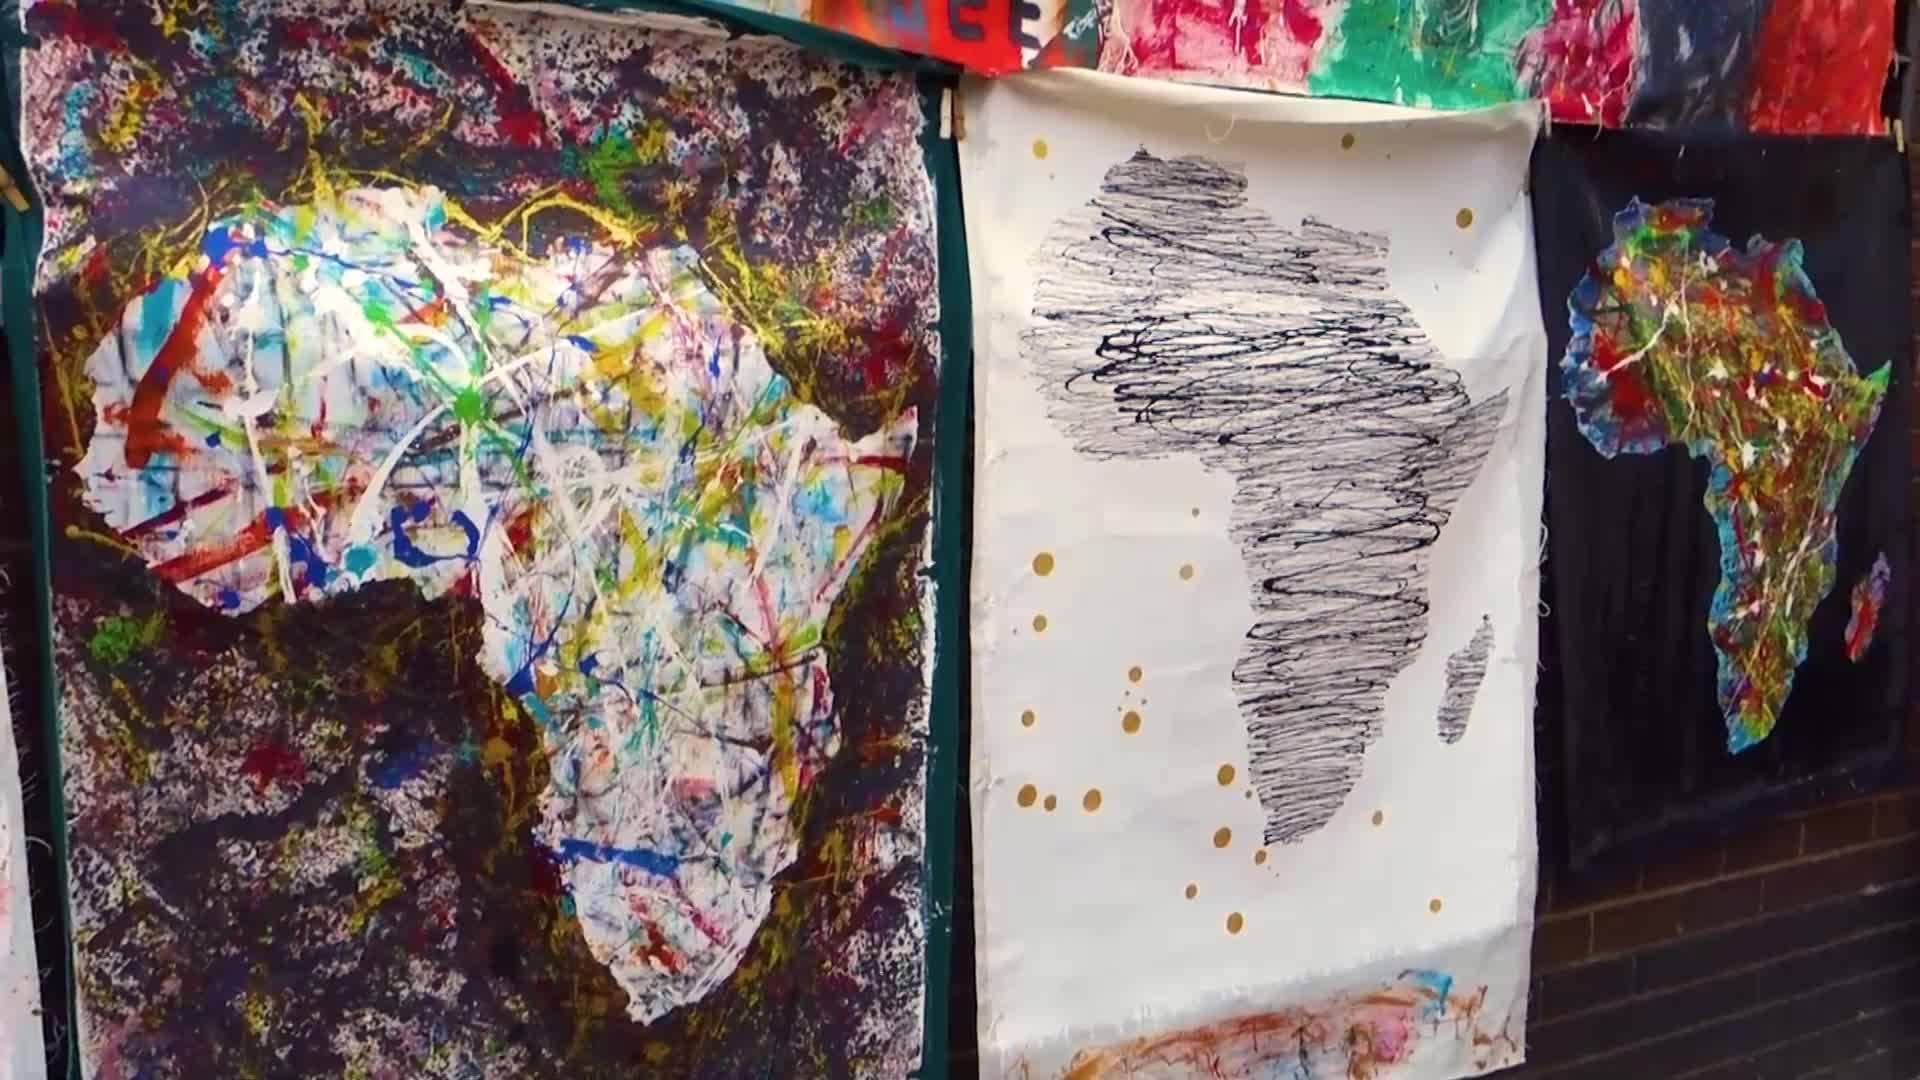 Изкуството на племето Ндебеле, Южна Африка (Без багаж еп.213 трейлър).